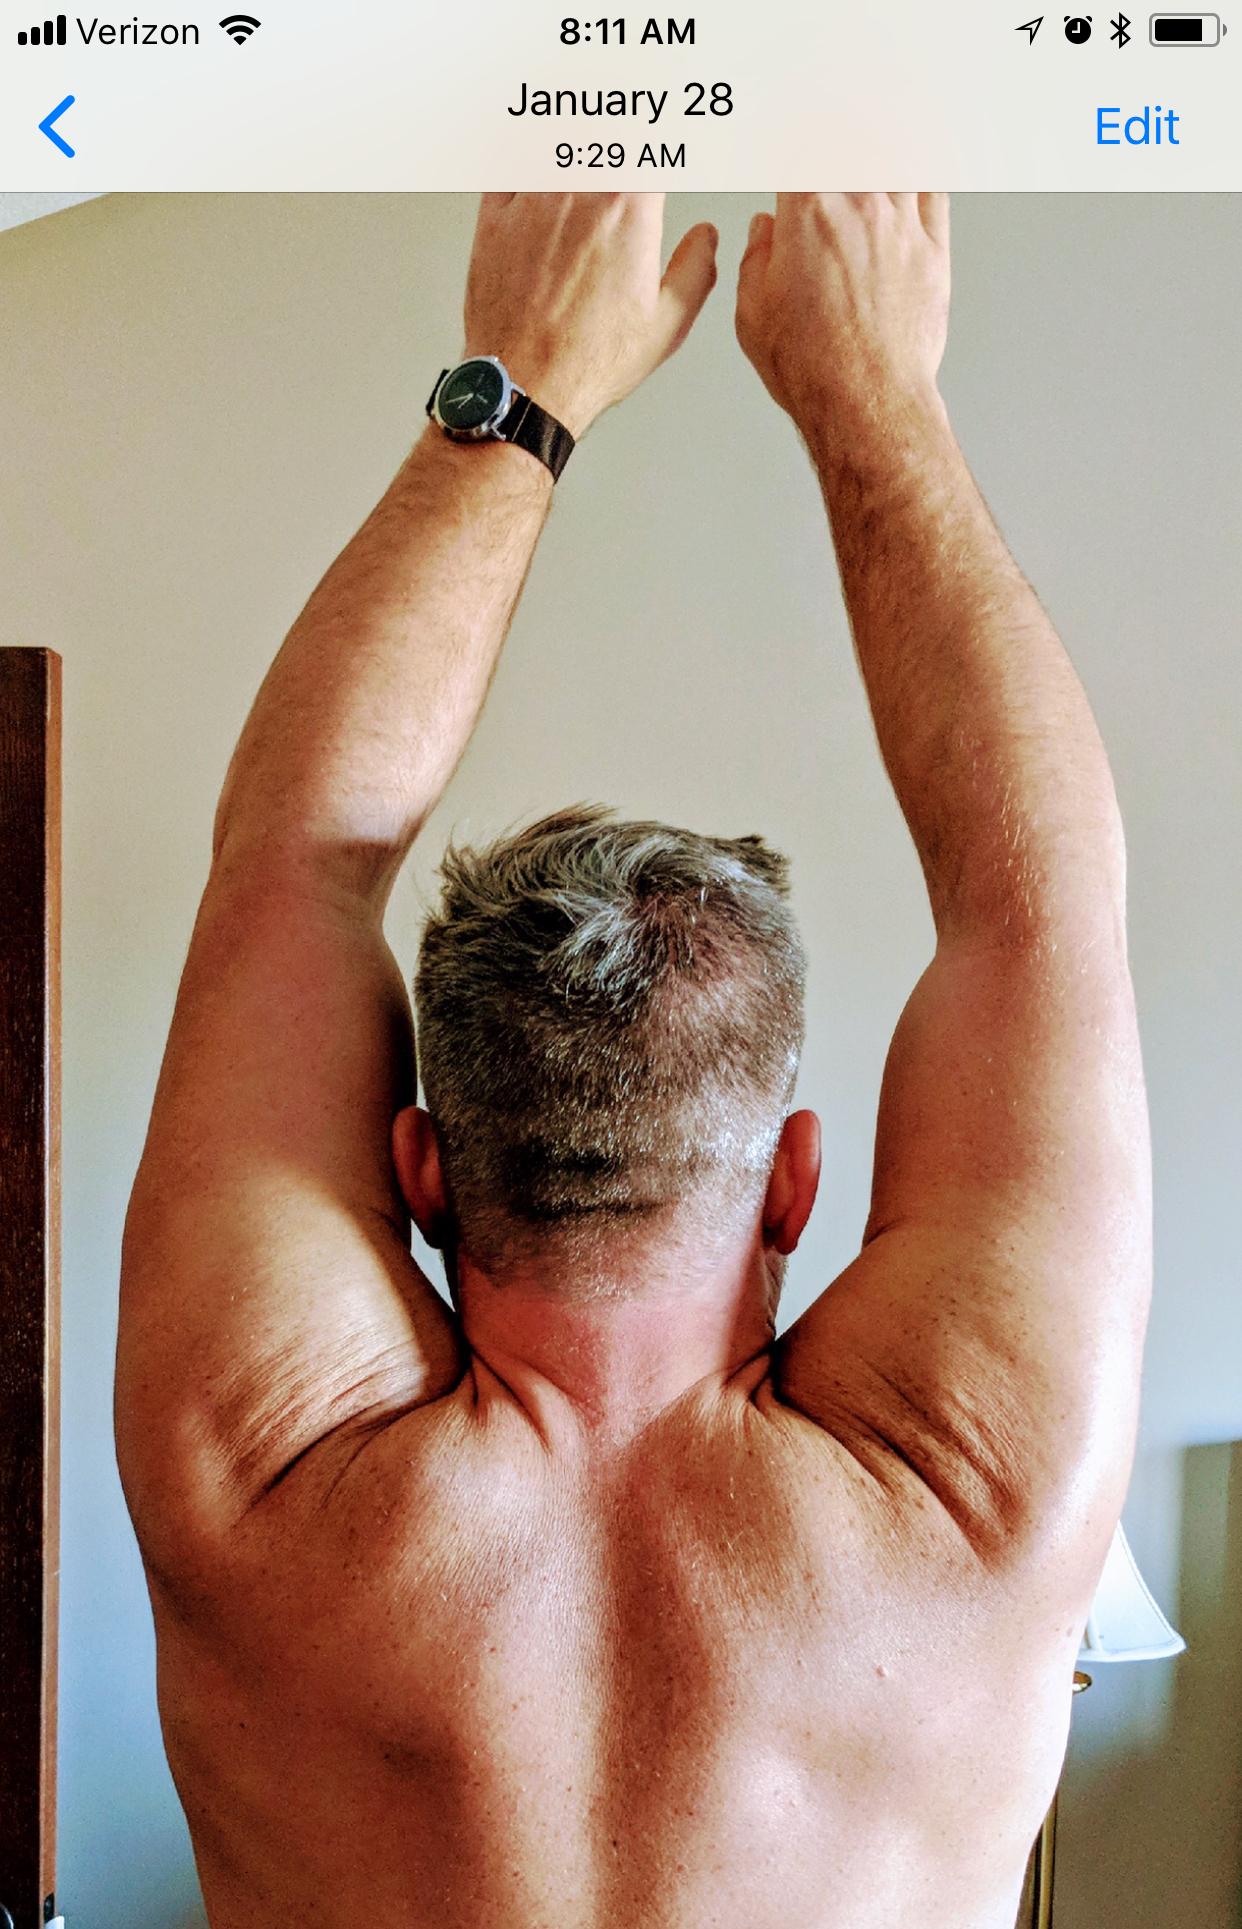 shoulder-image-4.jpeg